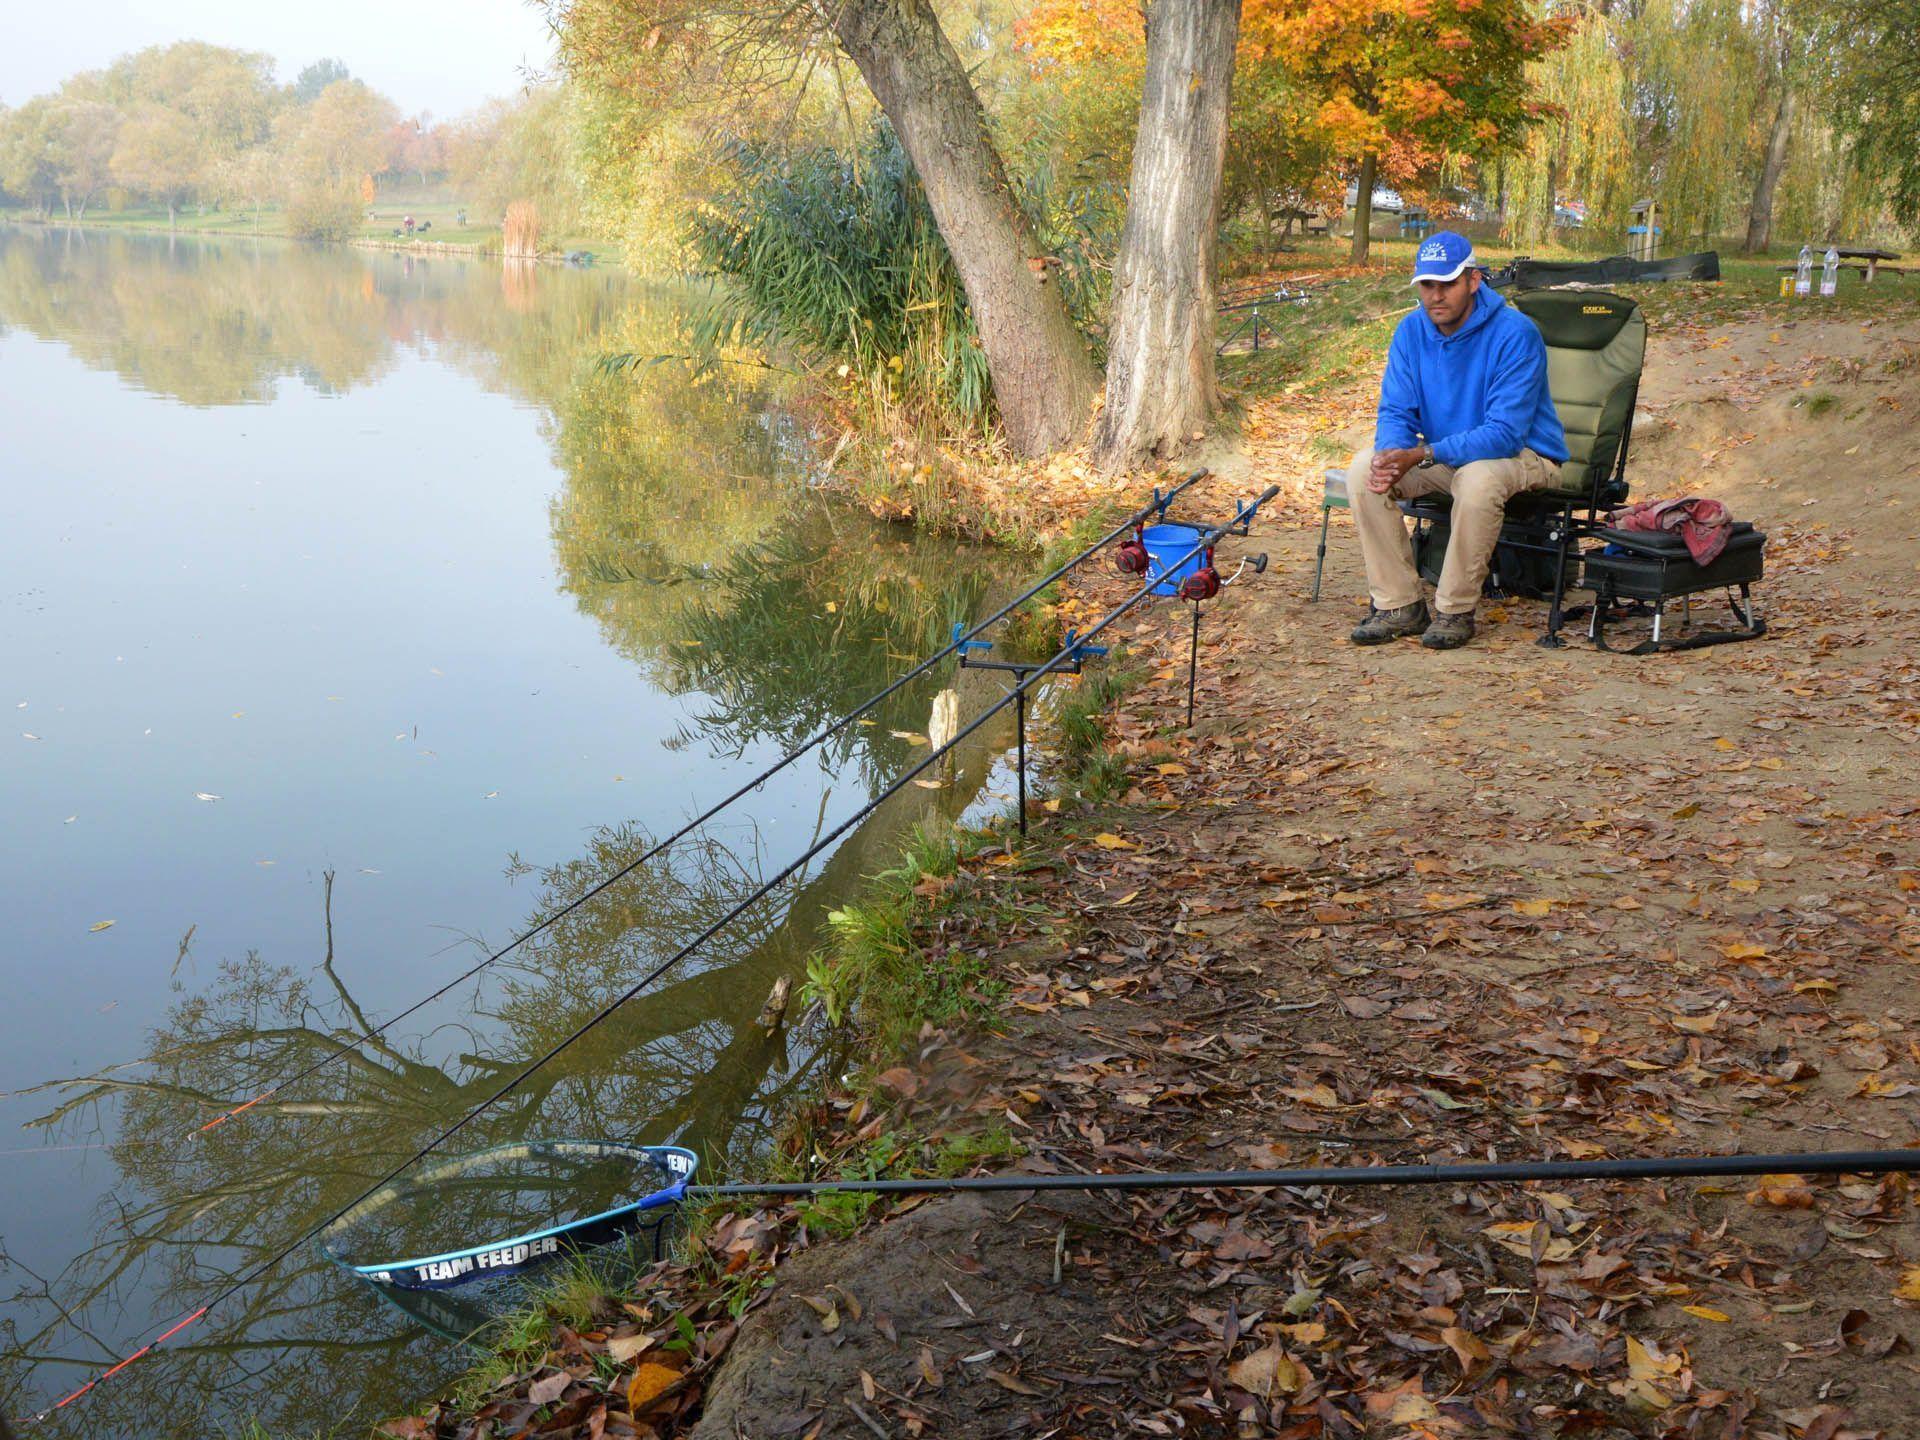 Ősszel, a versenyszezon után már a kényelmesebb horgászaté a főszerep, ám attól, hogy kényelmesebb, még nem egyszerűbb